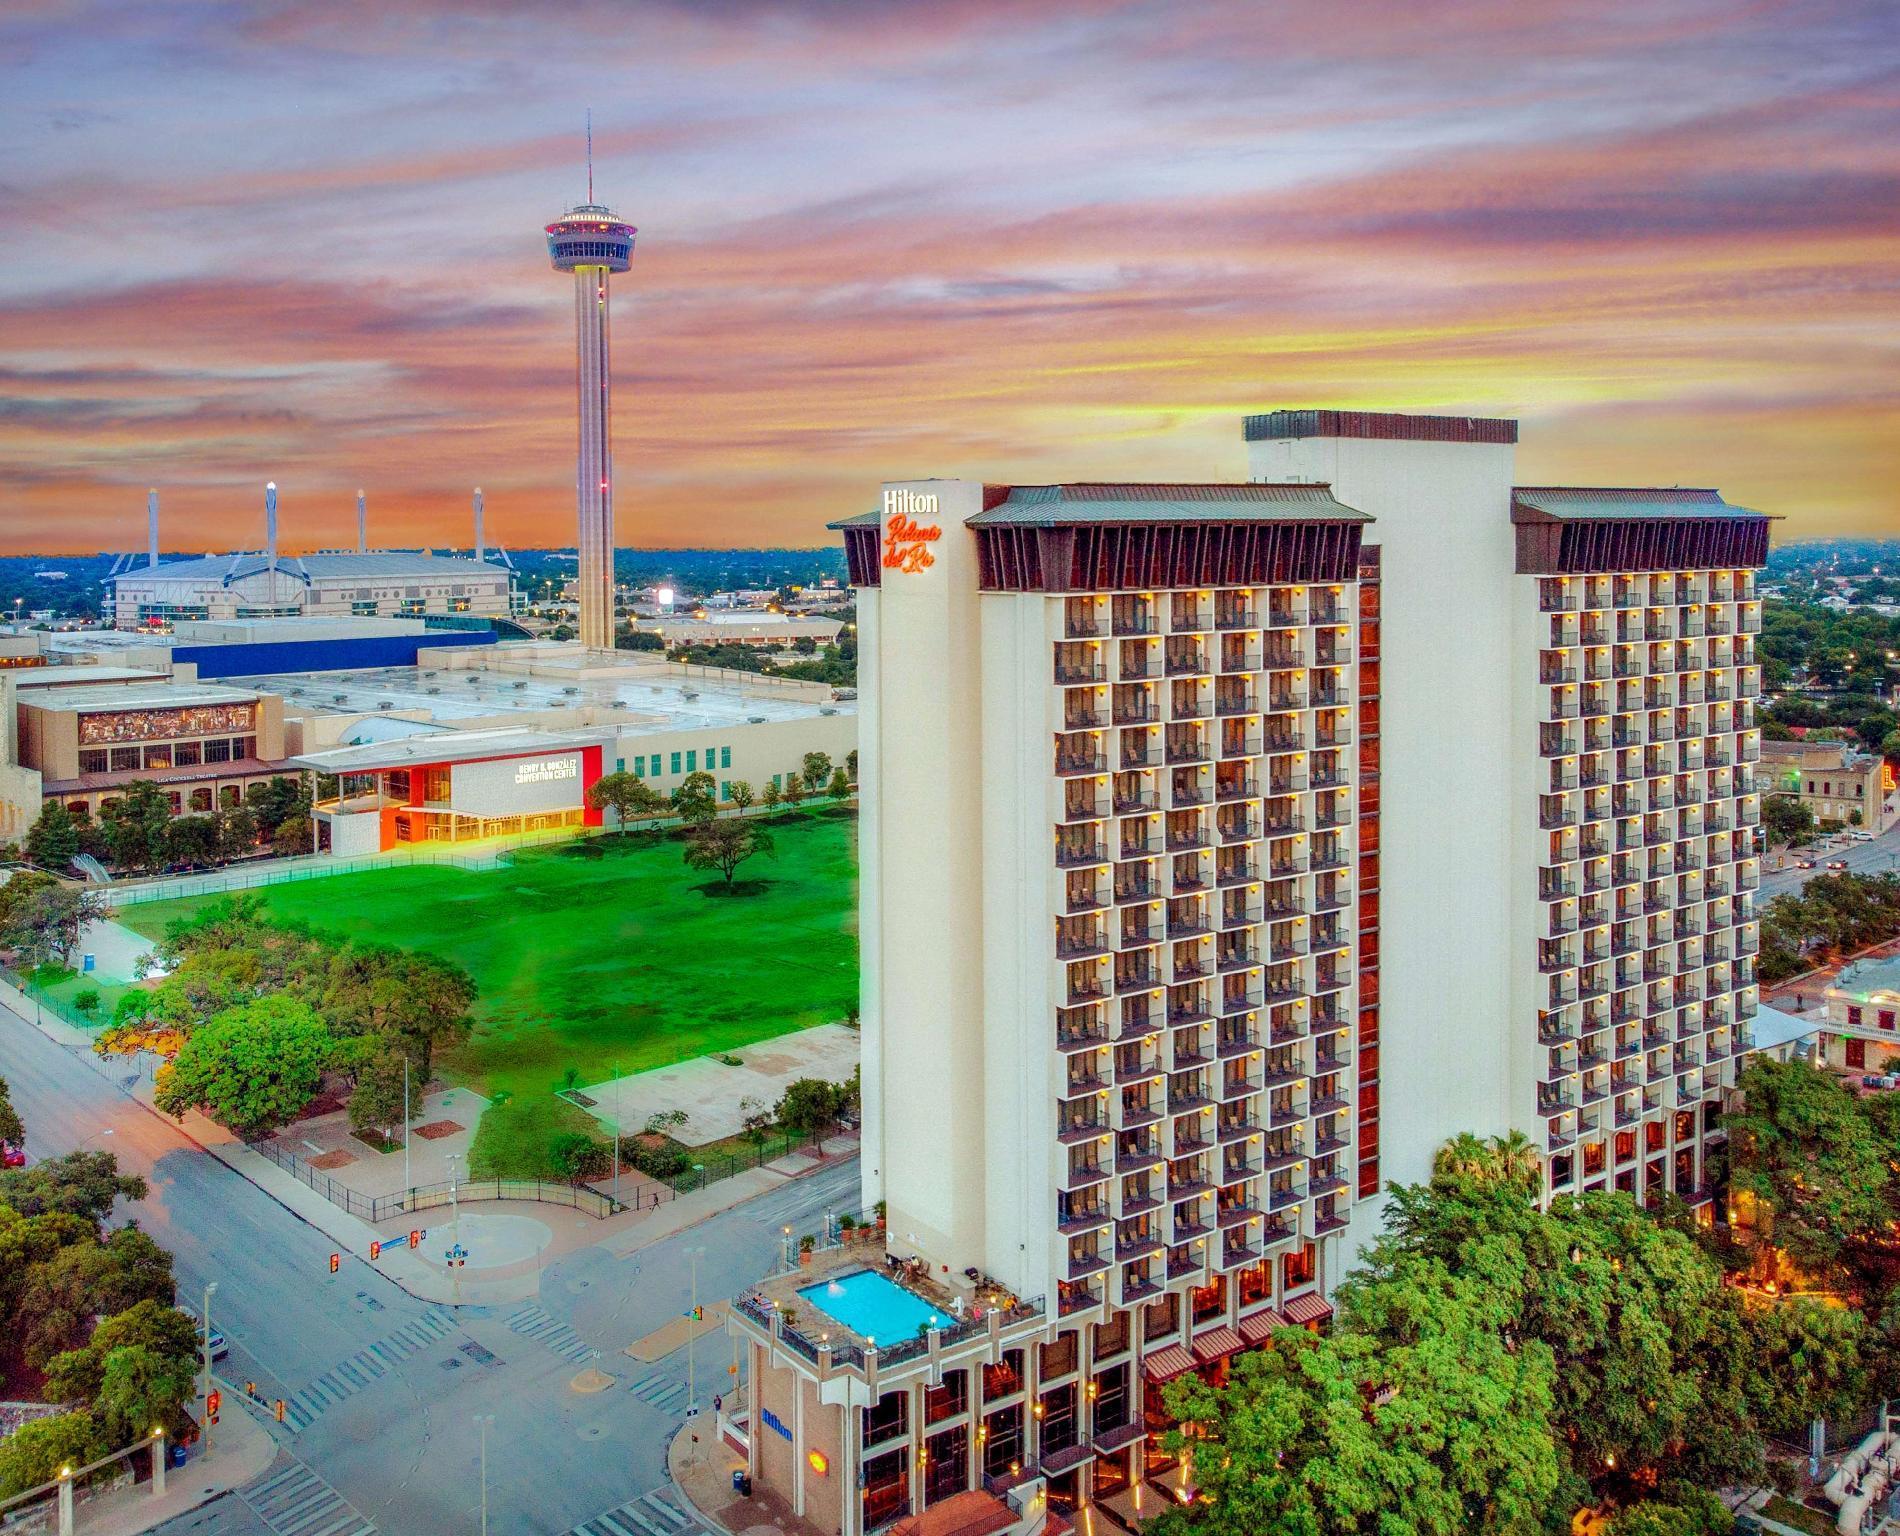 Hilton Palacio Del Rio Hotel image